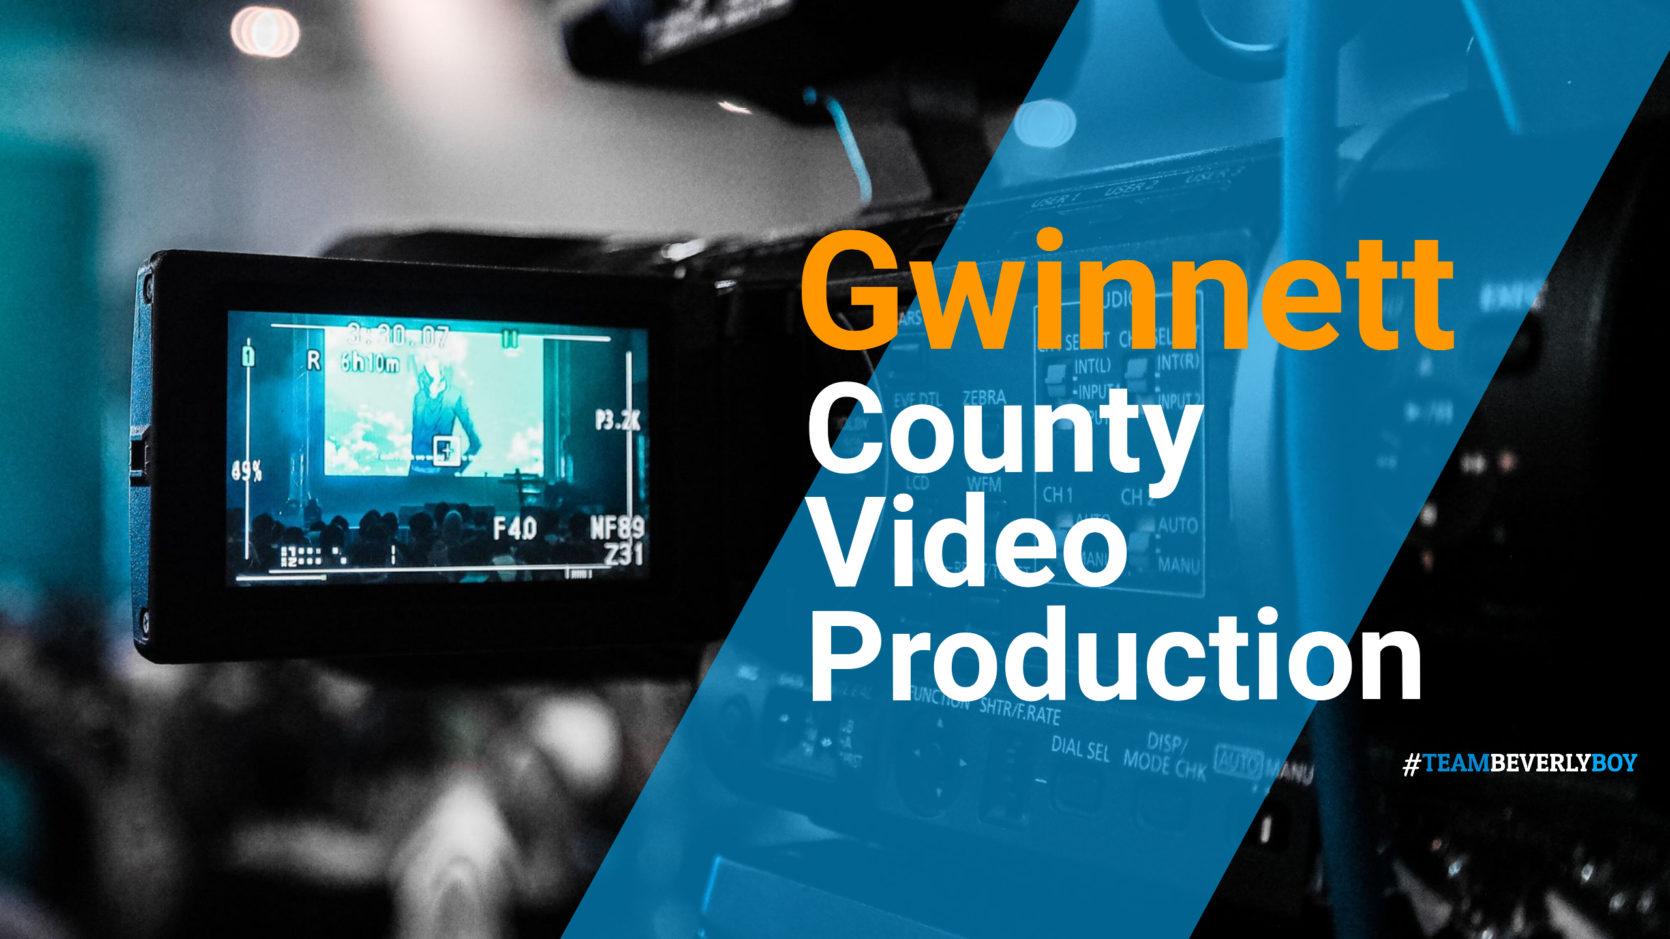 Gwinnett County Video Production